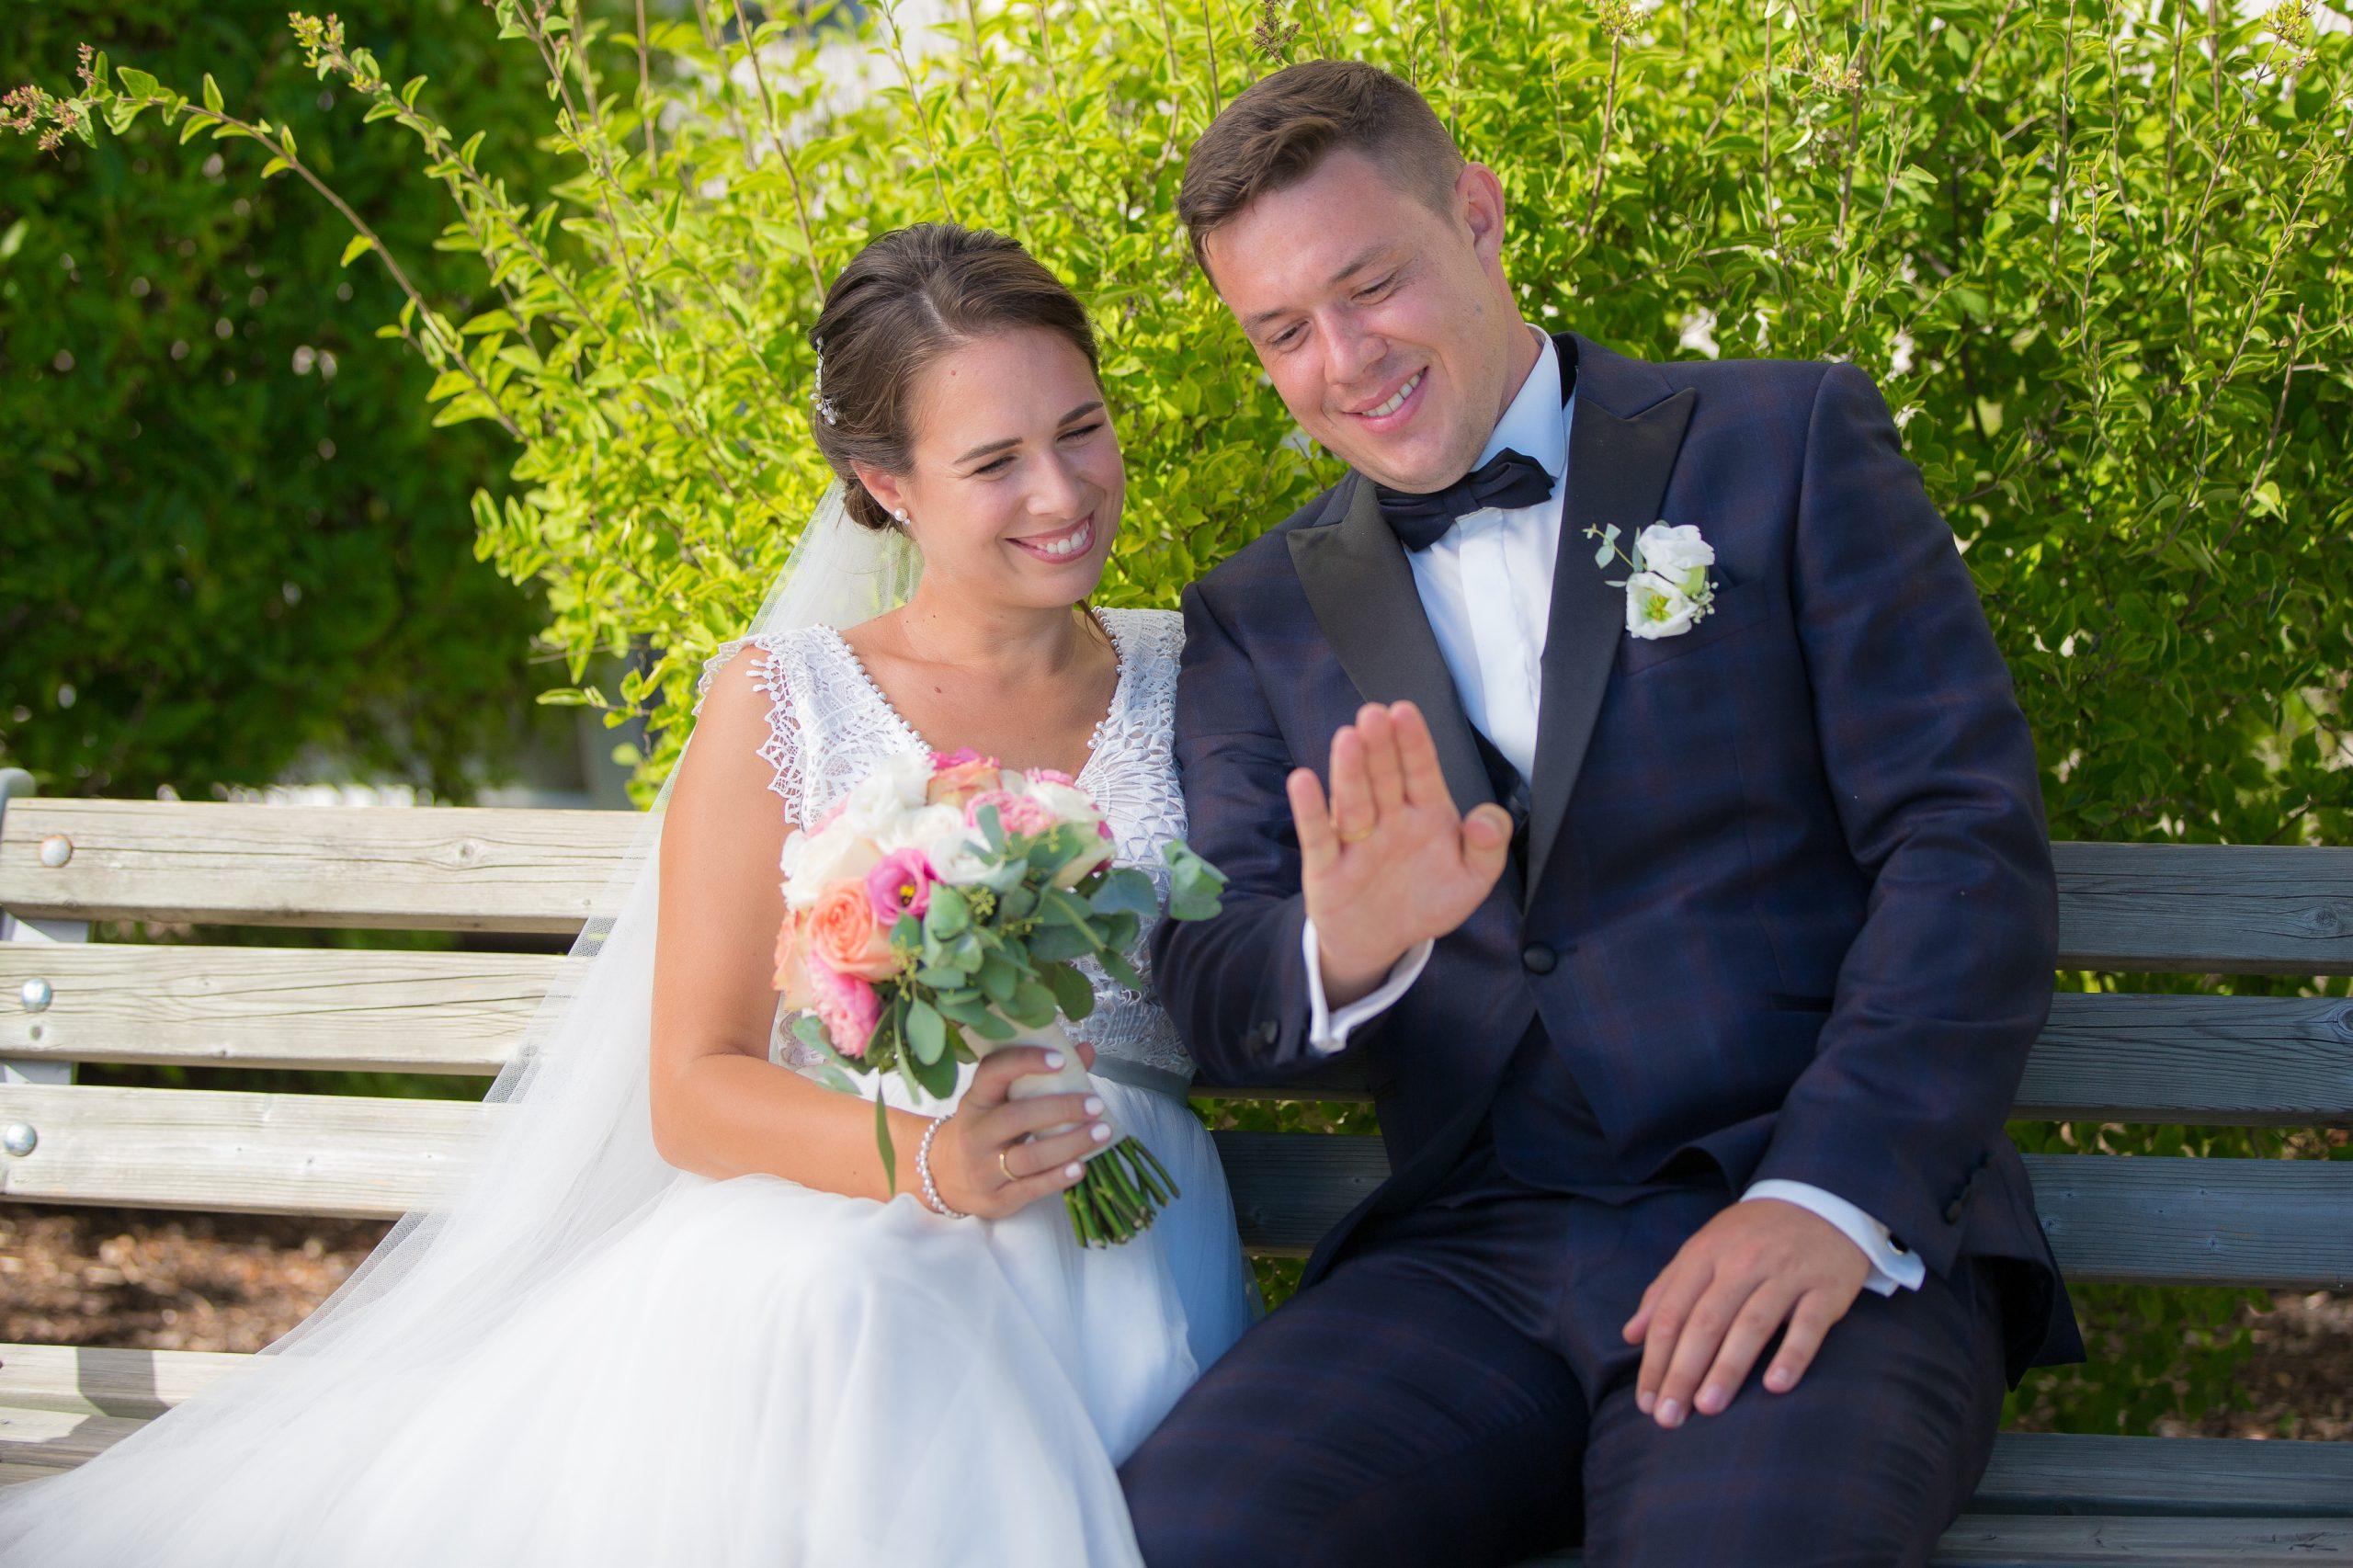 Brautpaar betrachtet ihre Ringe